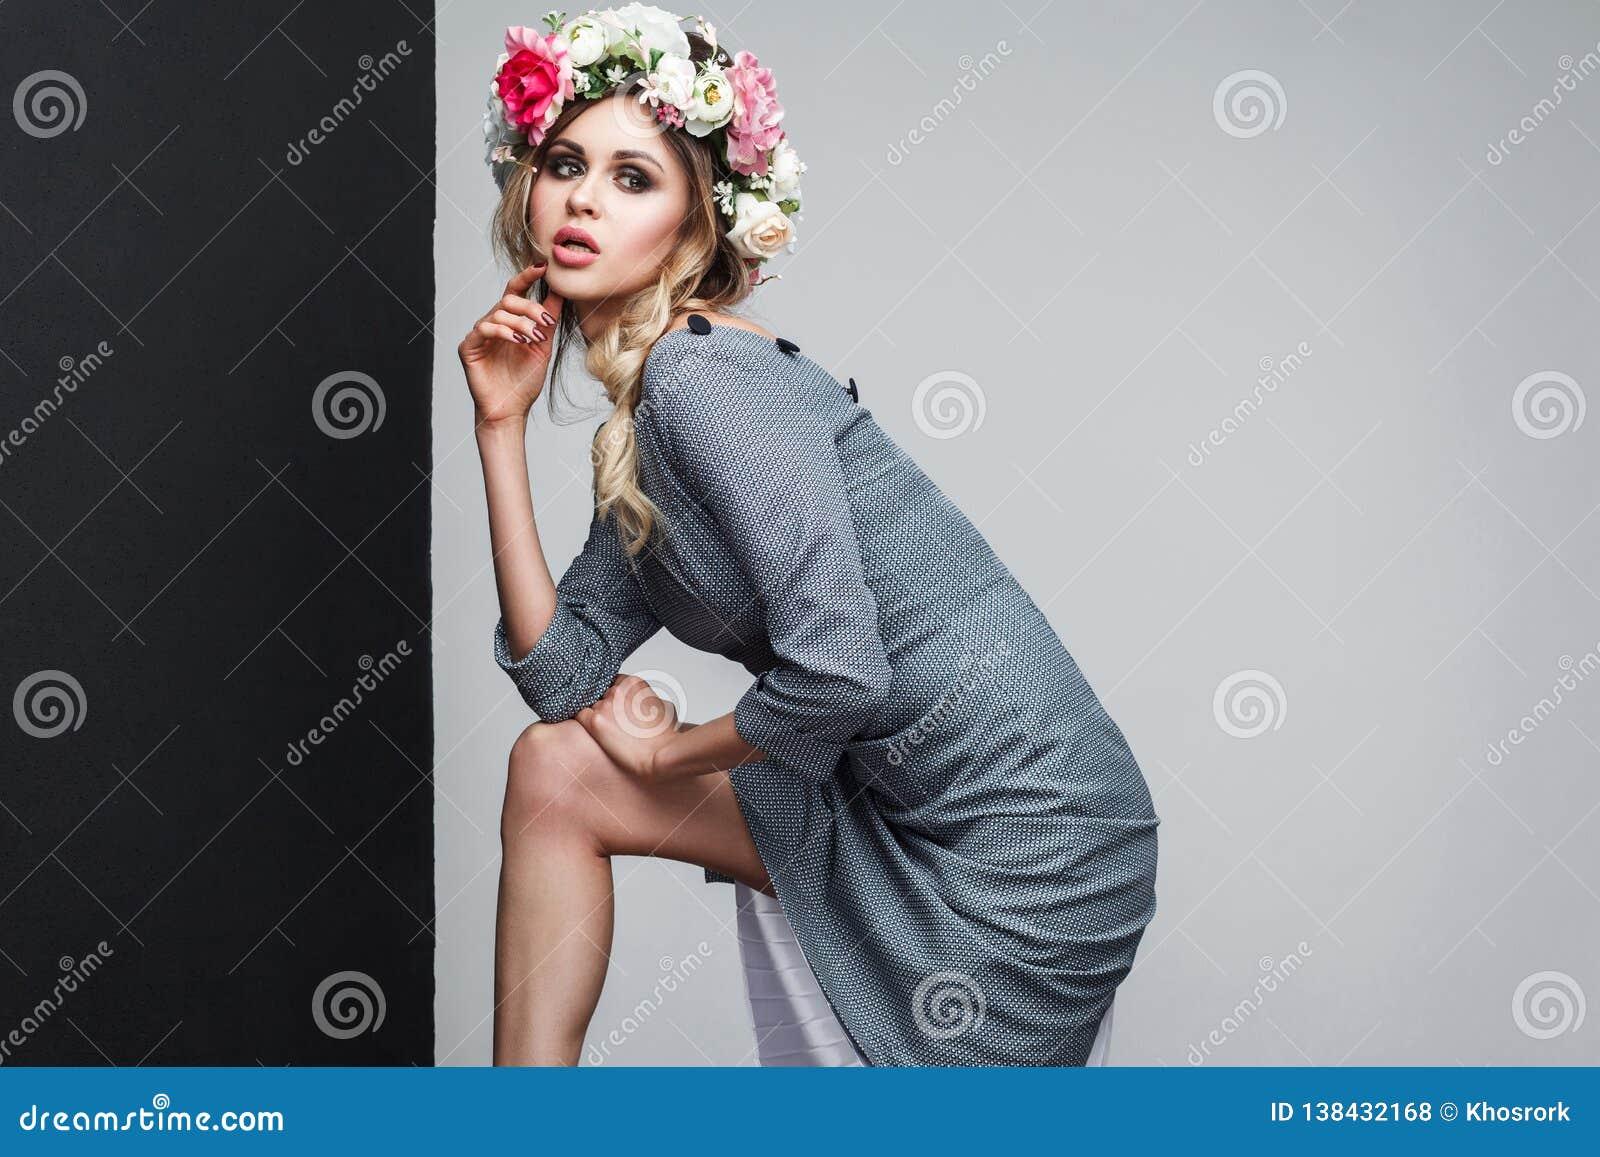 Portrait de beau mannequin sensuel en robe grise avec le maquillage et fleurs principales sur sa tête posant et regardant loin